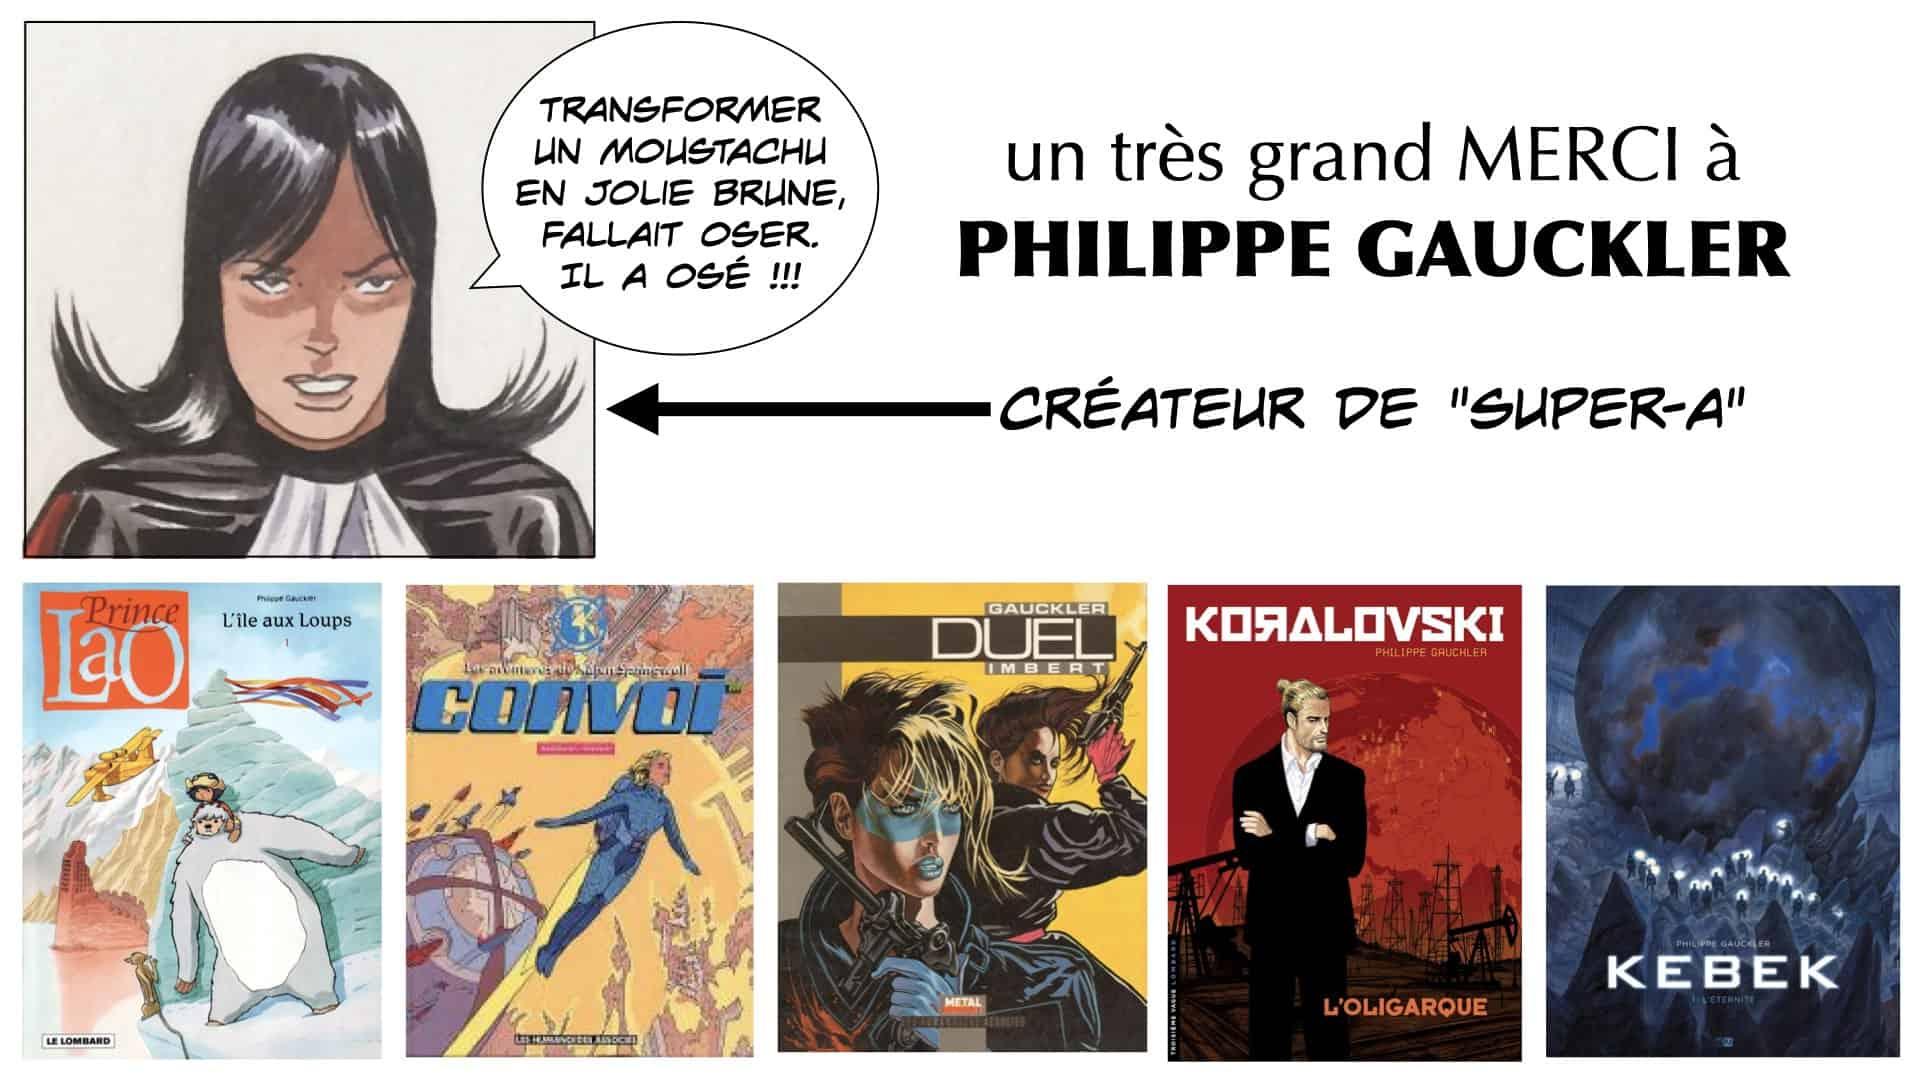 314 PRO BTP © Ledieu-avocat 03-12-2020.069